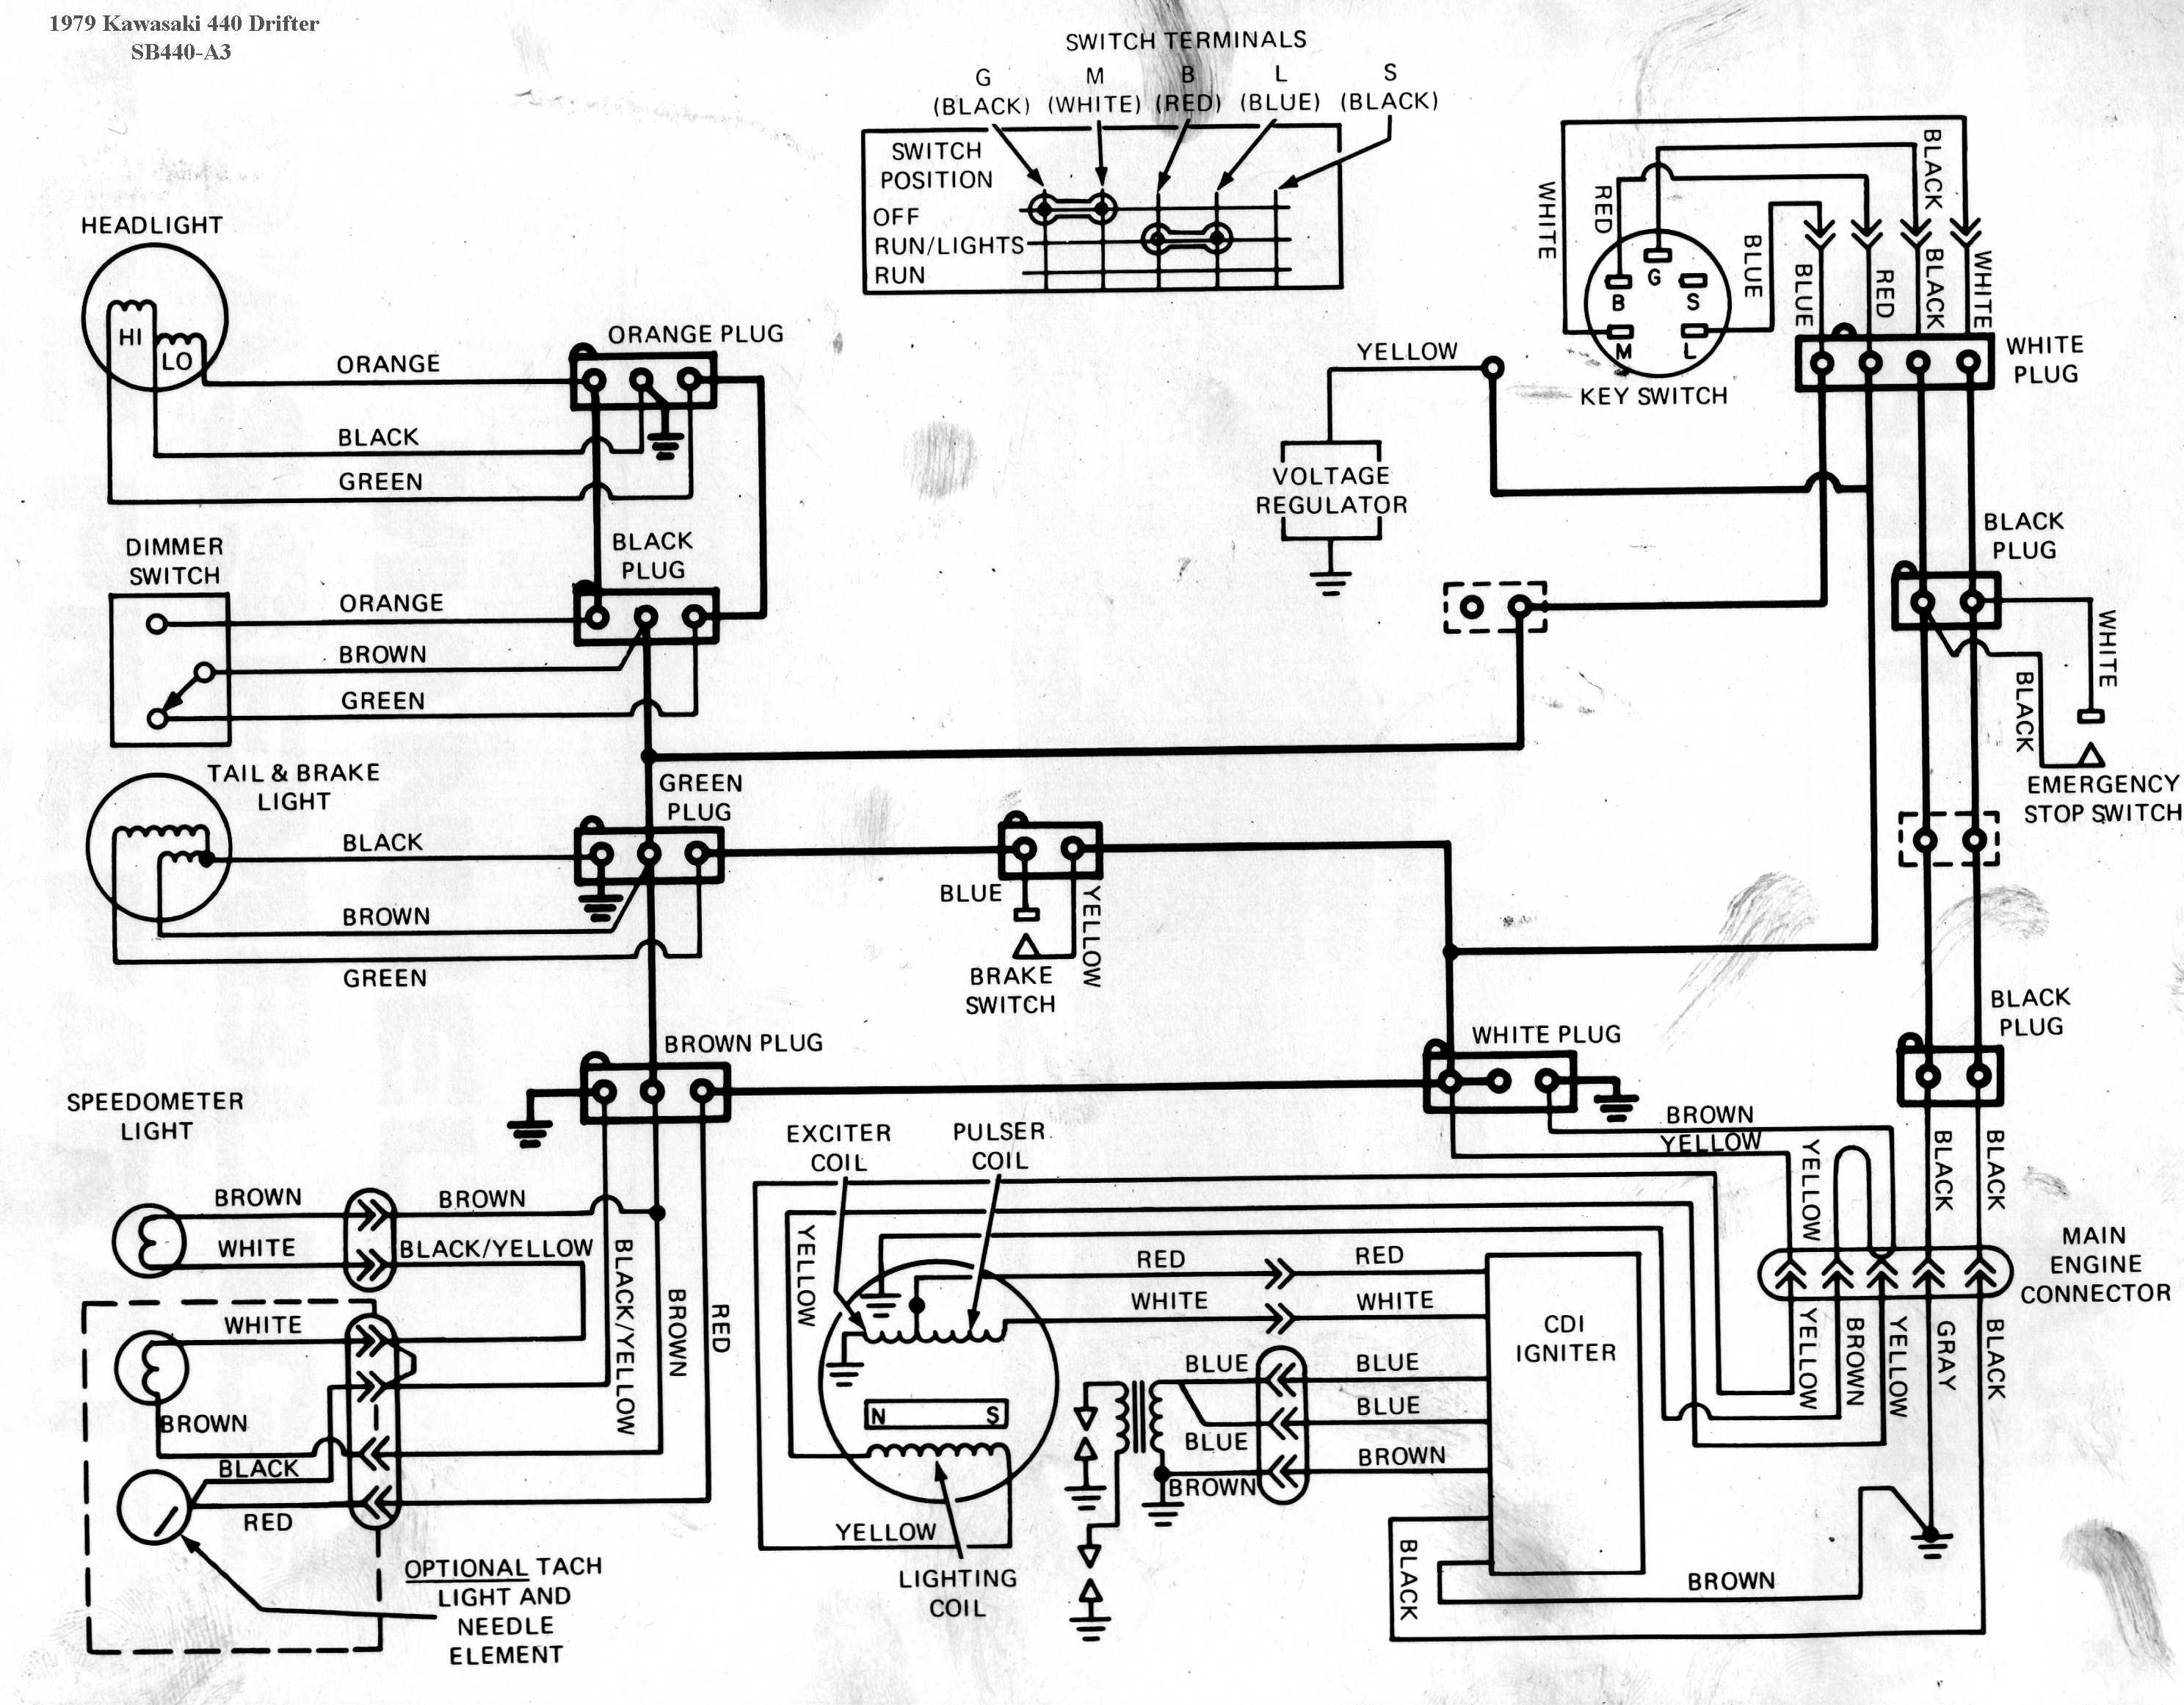 Kawasaki Drifter Wiring Diagrams